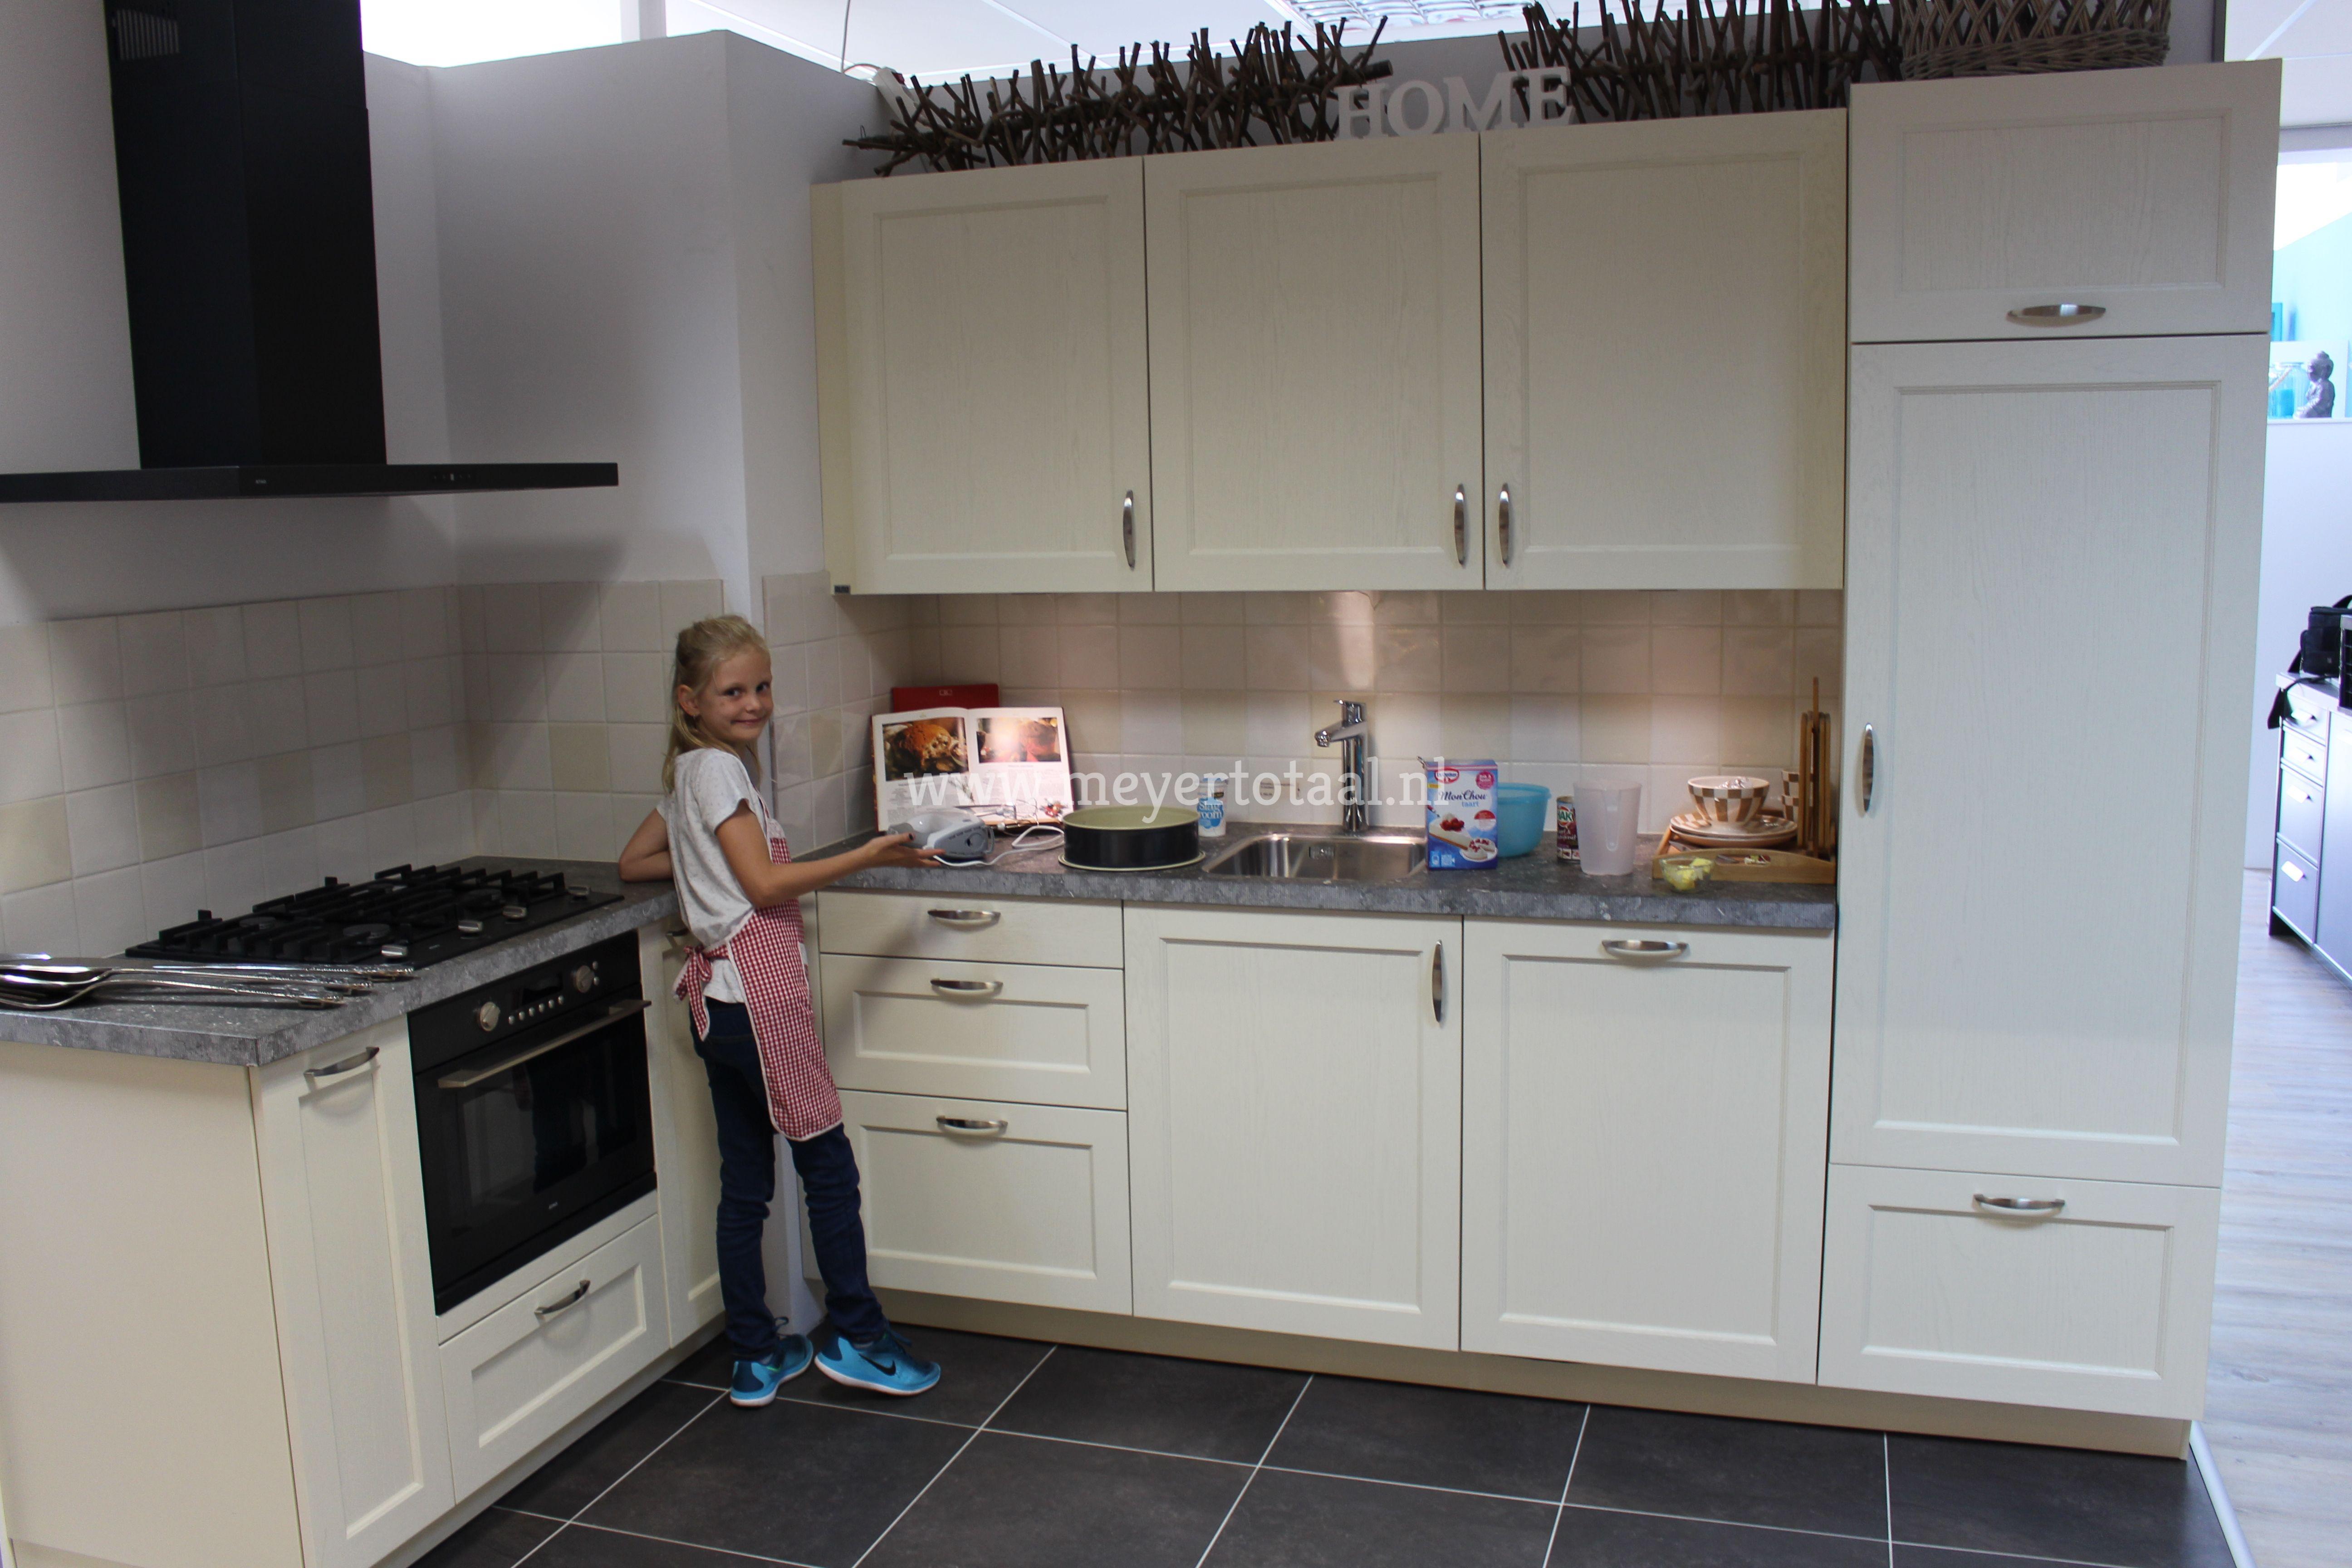 Keuken te koop  werkblad spaans hardsteen gefrijnd